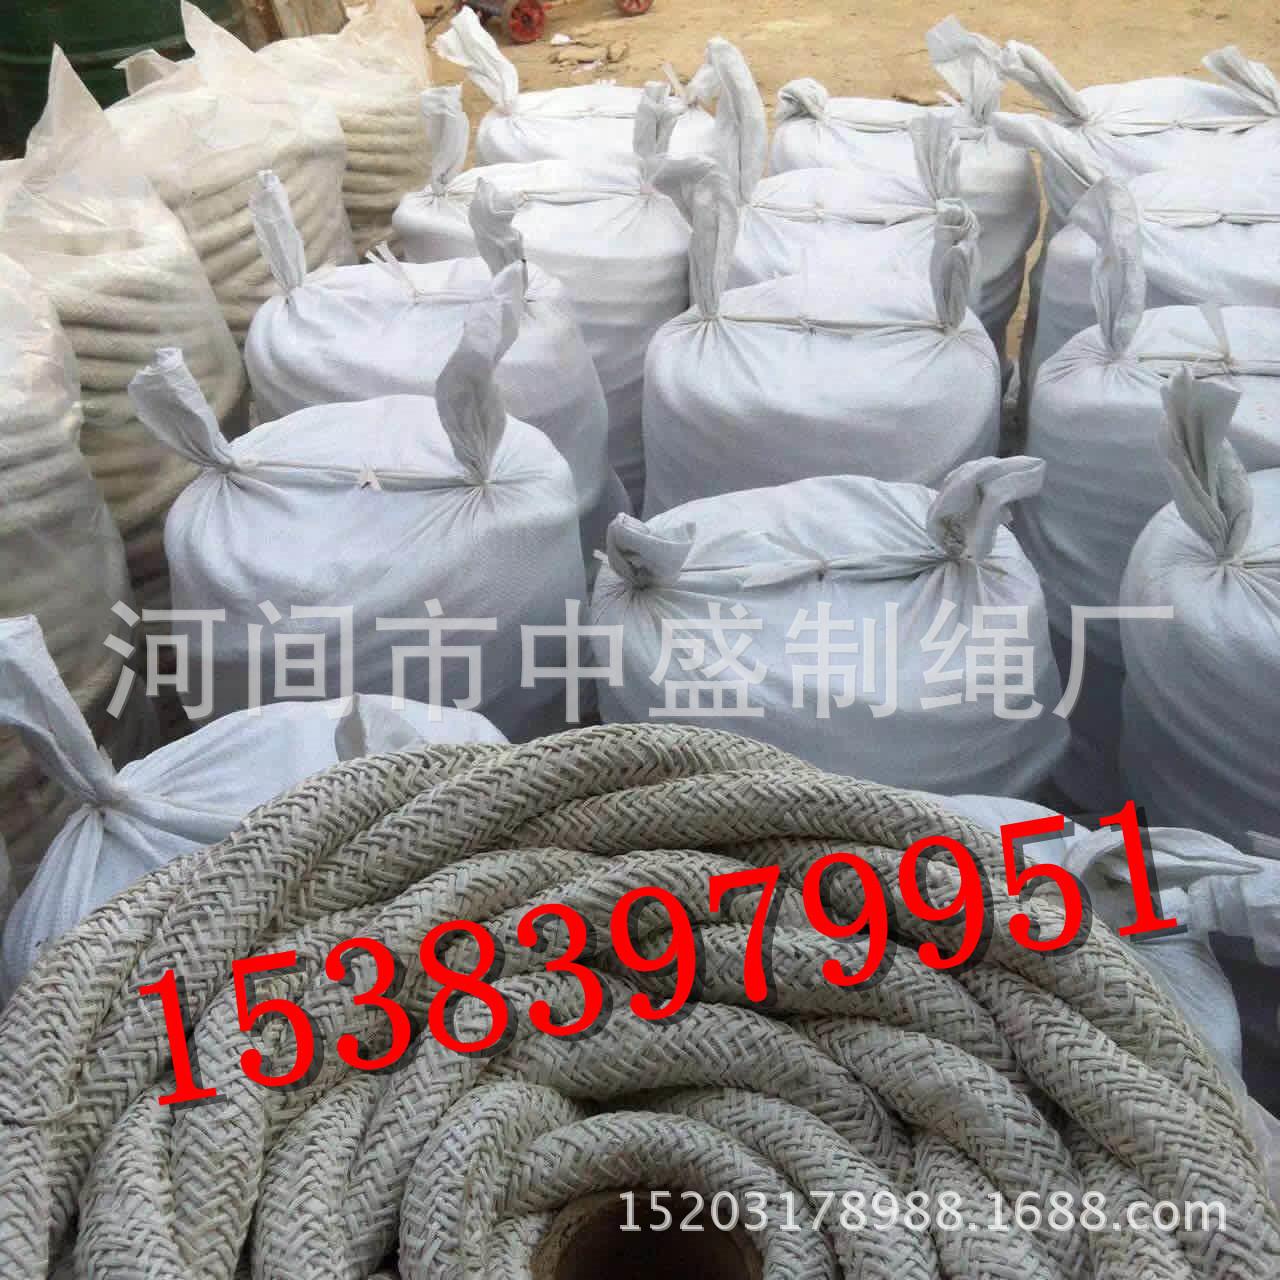 陶瓷纤维布陶瓷纤维带陶瓷纤维纺织品 米各庄 玻璃纤维